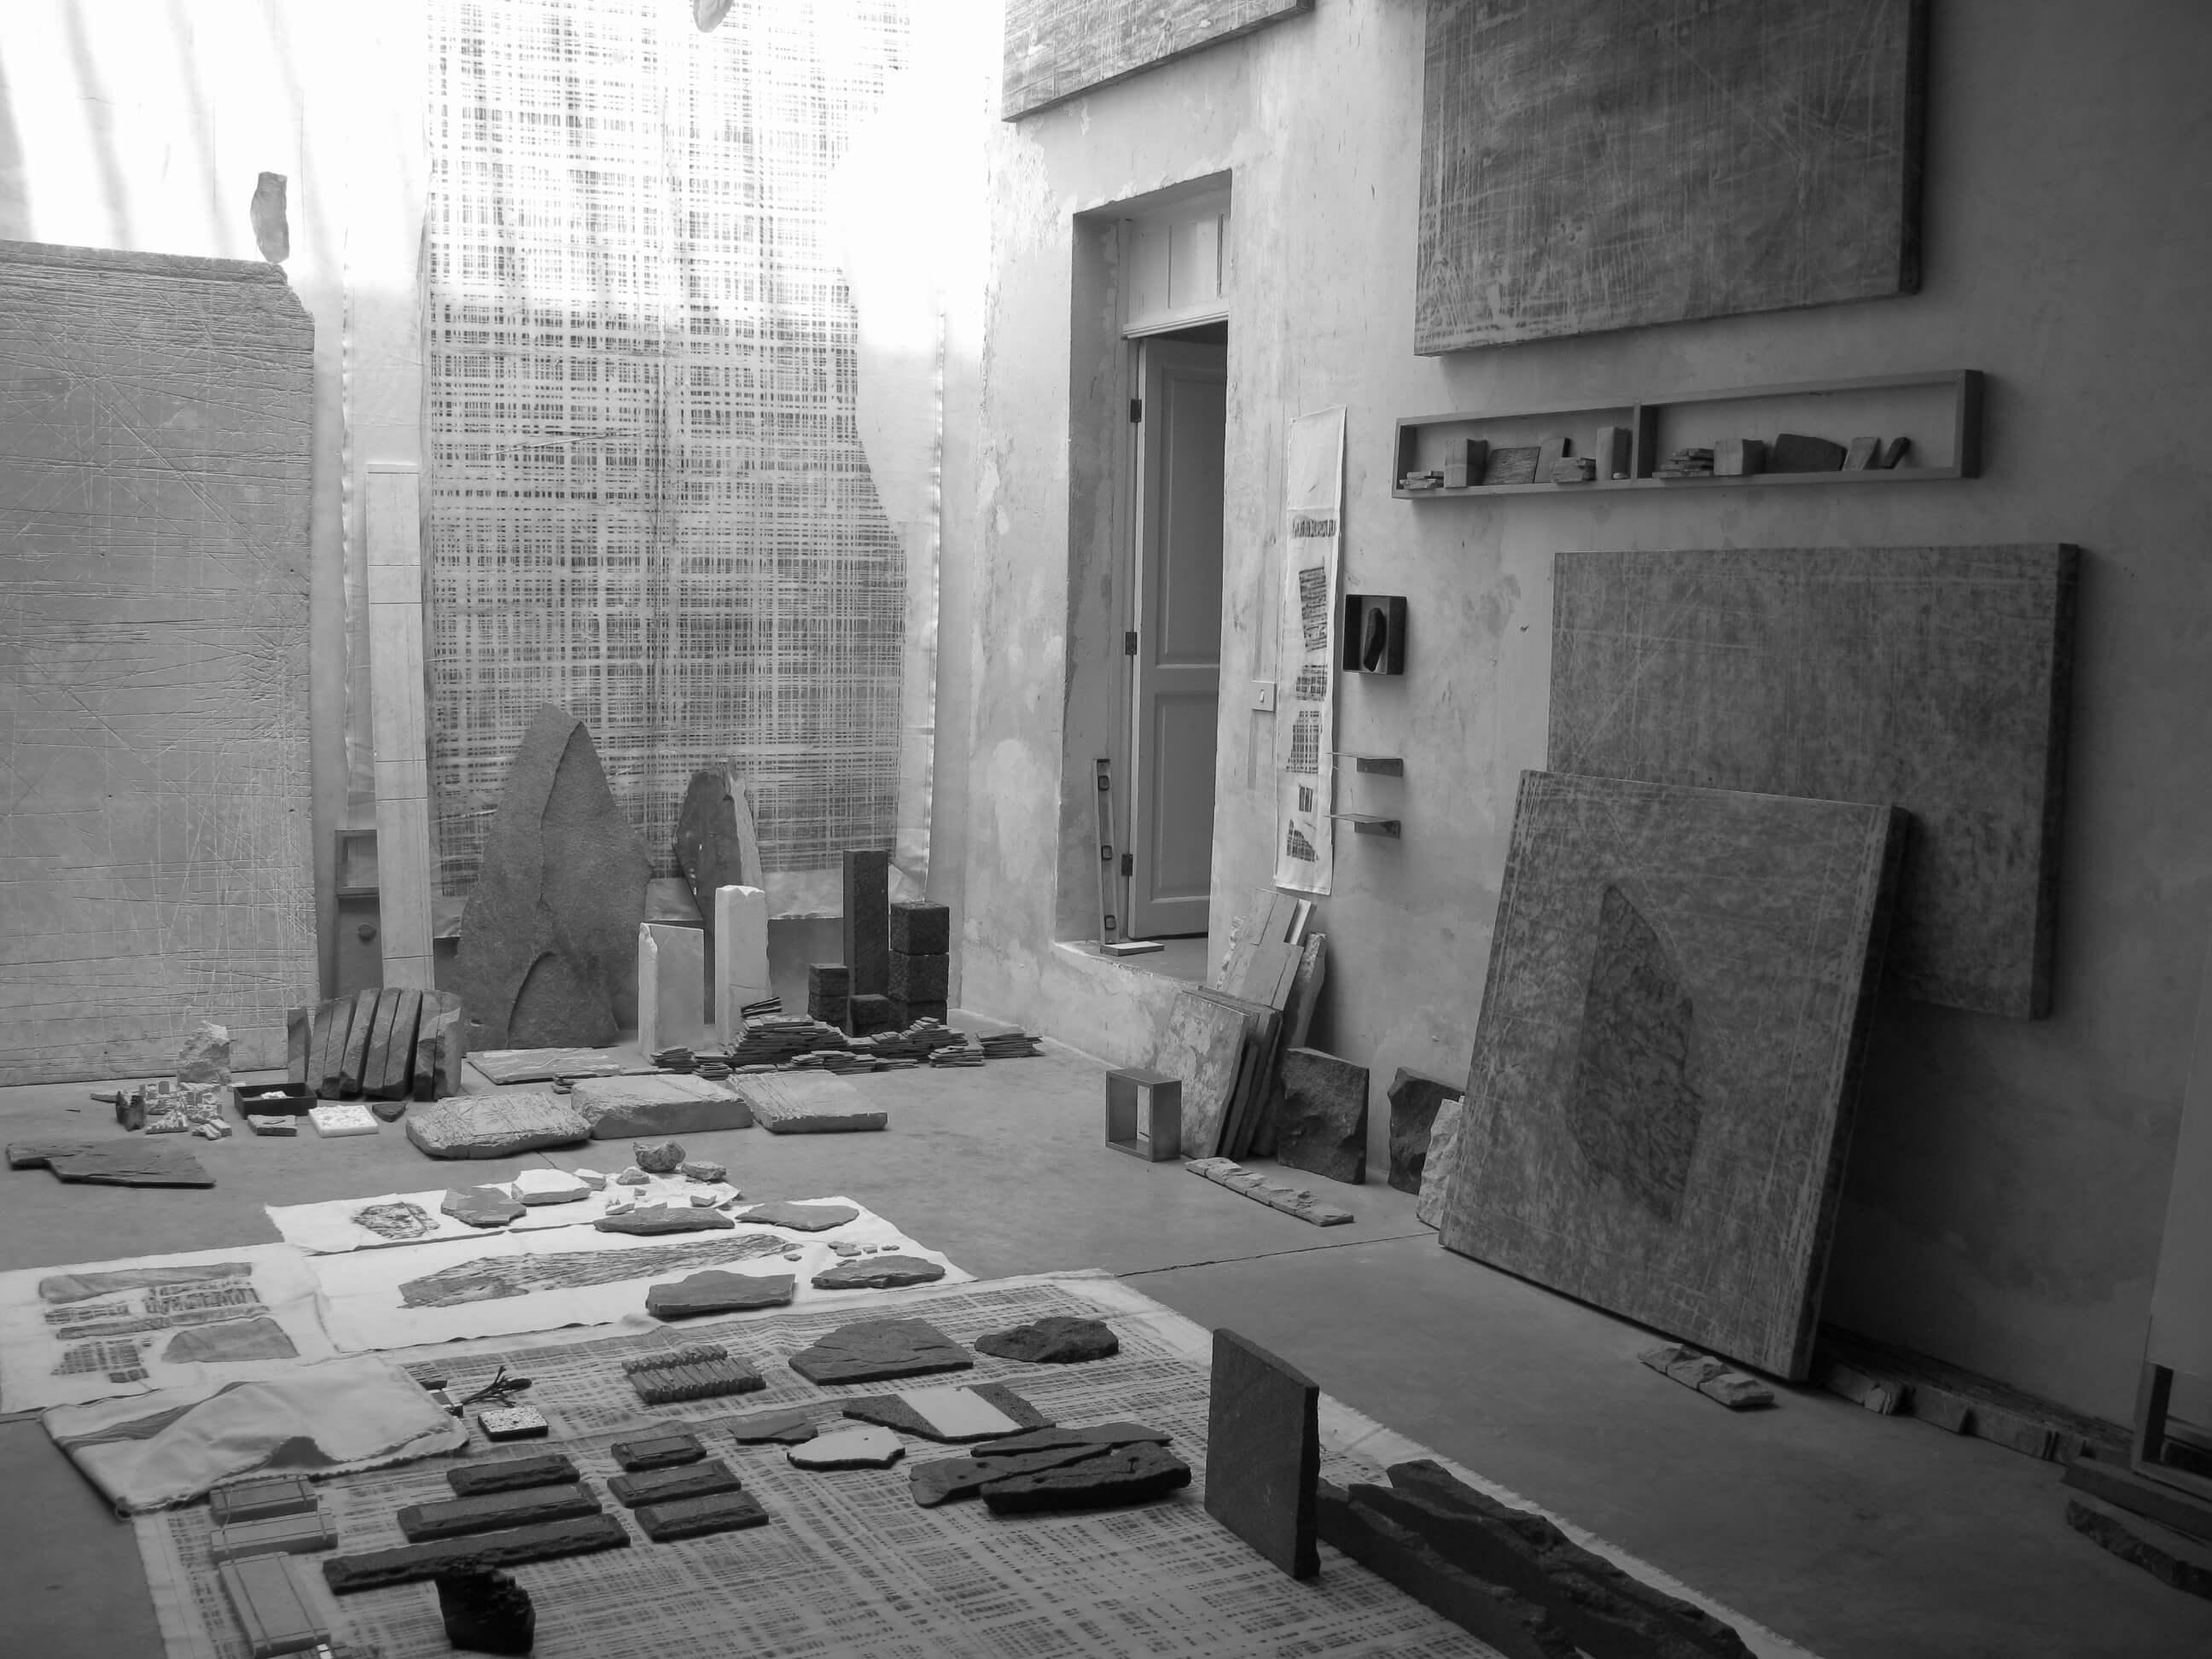 Taller José Alvarado 24 A. Vista de instalación en taller | Perla Krauze. Materia lítica: Memoria/Procesos/Acumulaciones | Museo Amparo, Puebla